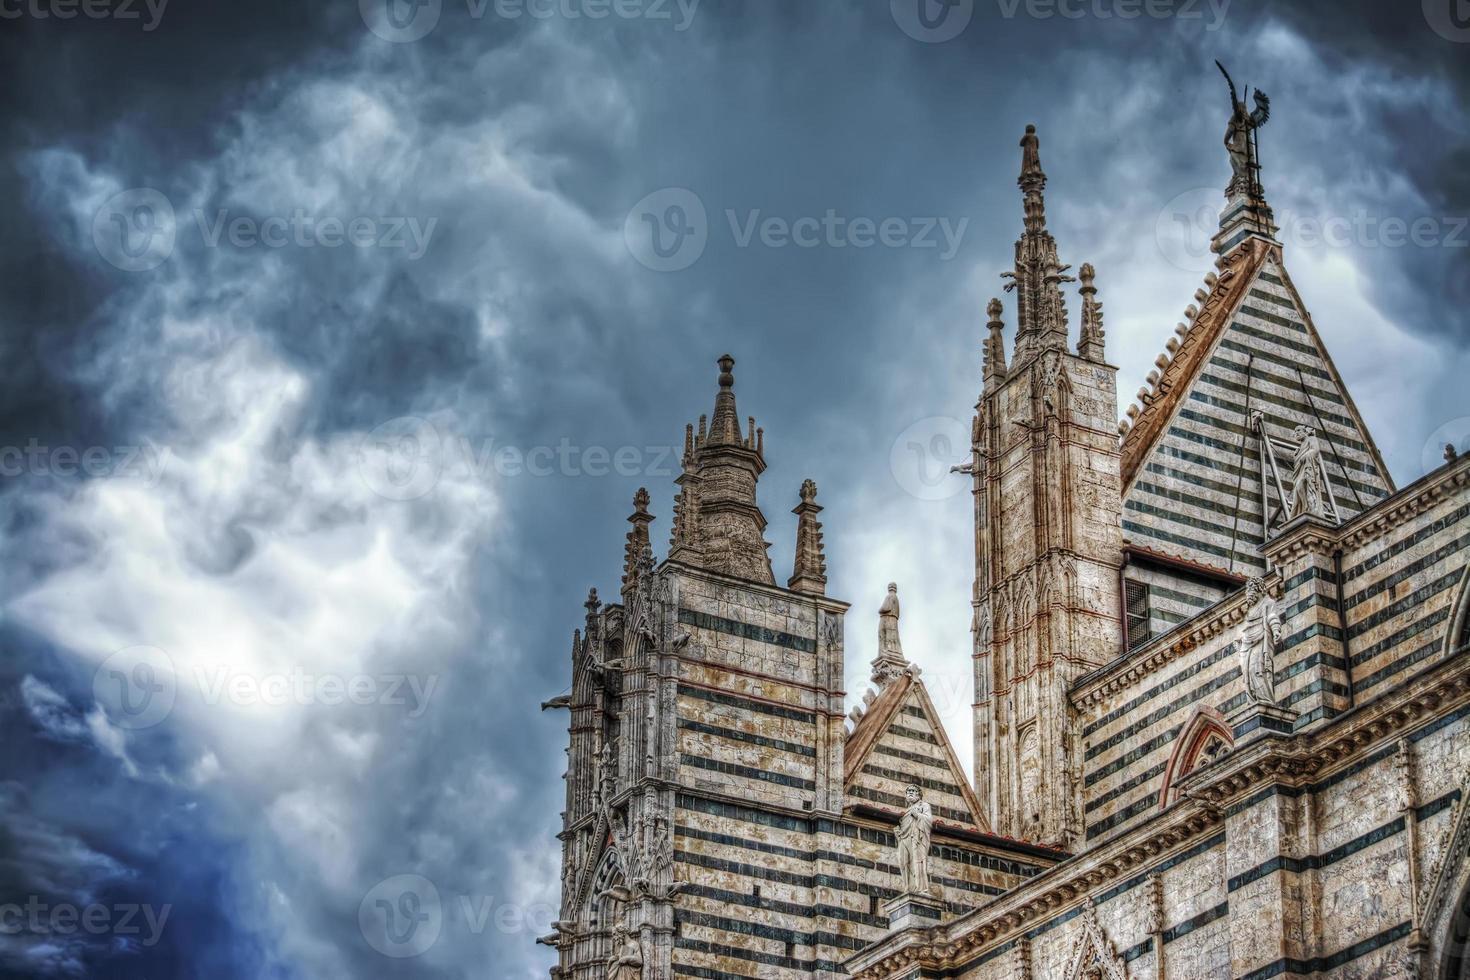 Siena Duomo unter einem dramatischen Himmel von hinten gesehen foto